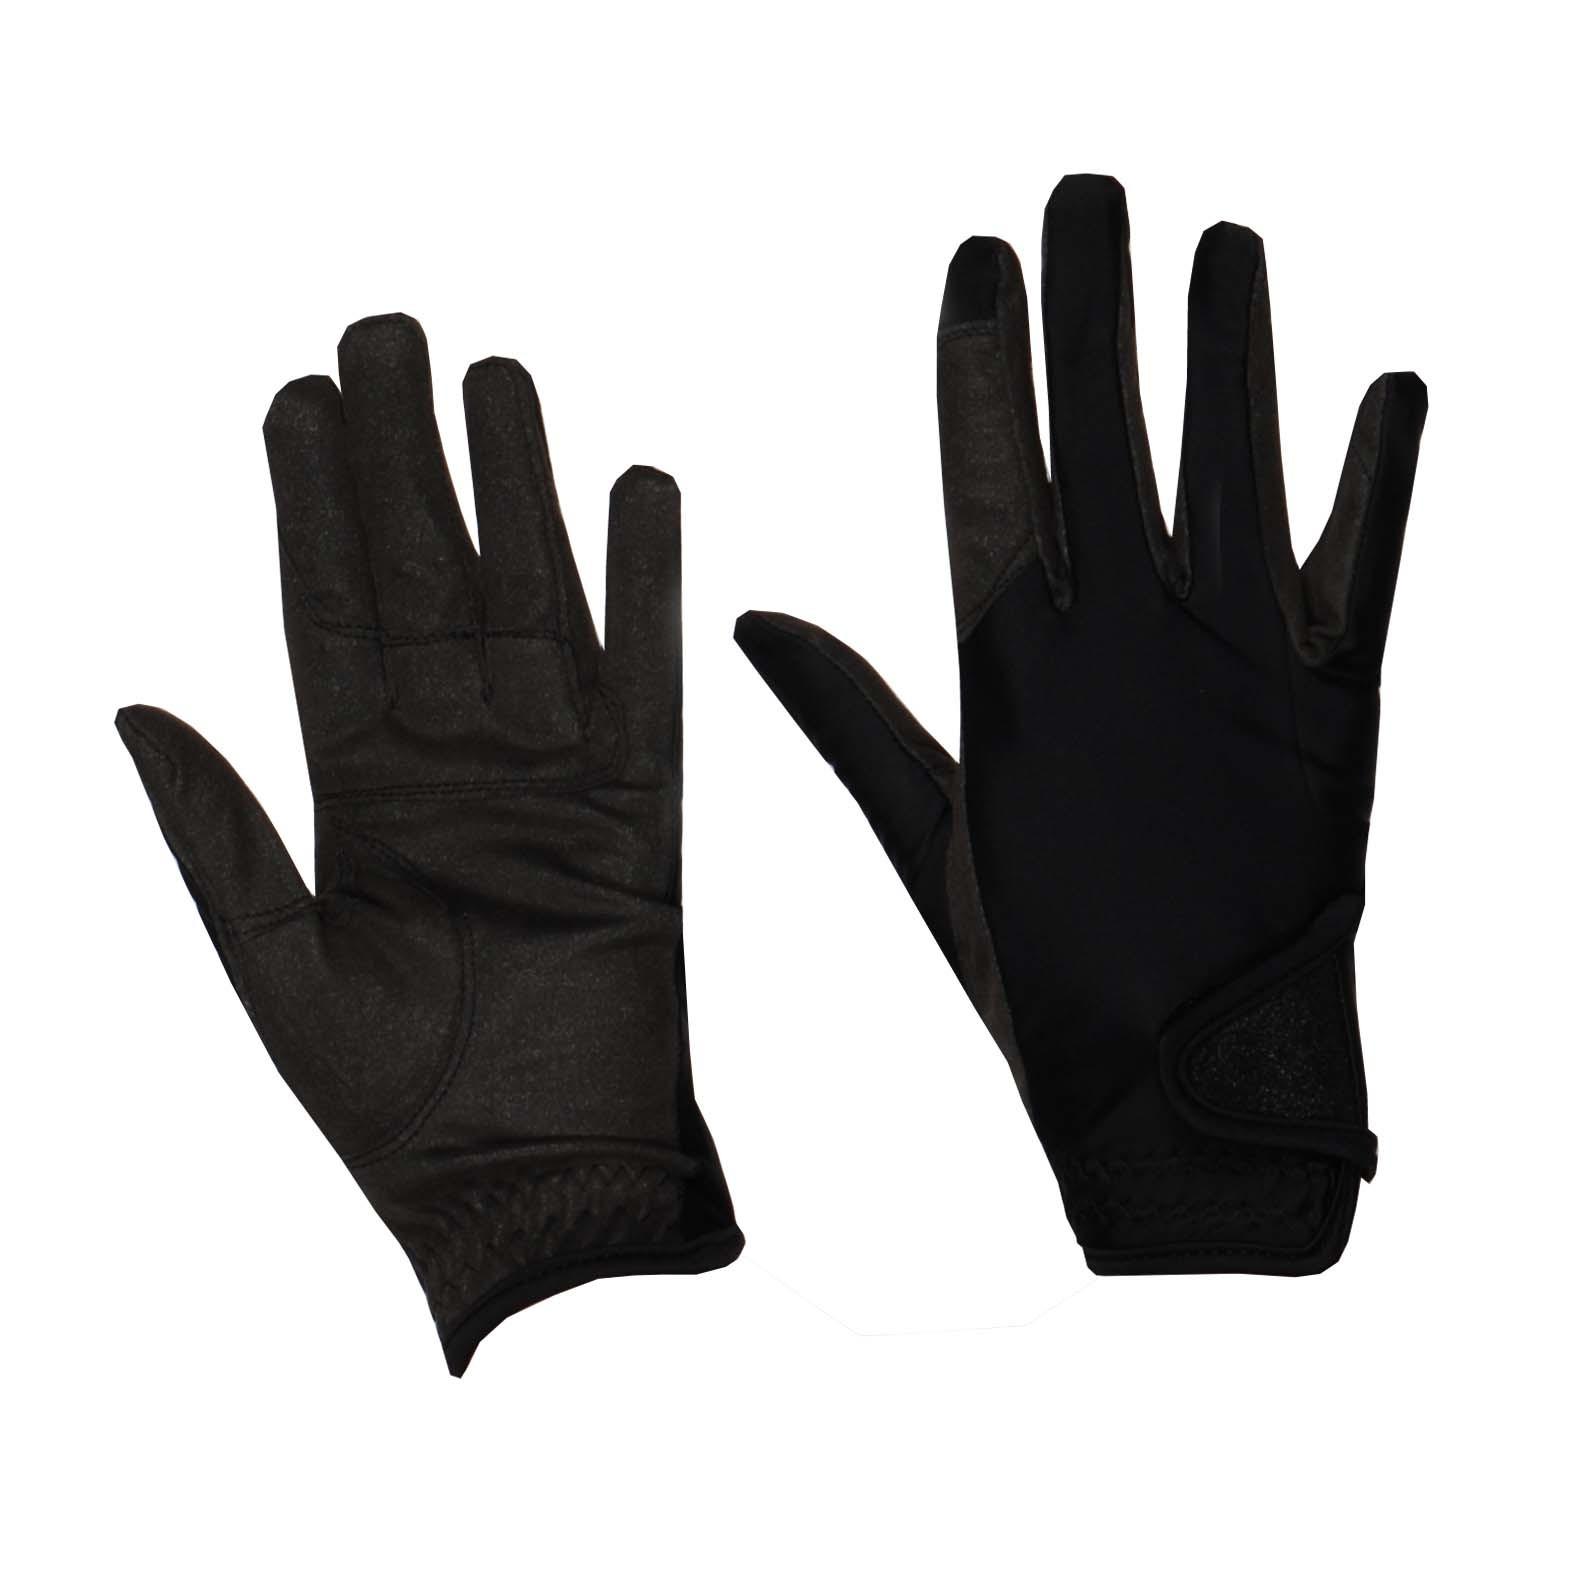 Mondoni Medellin handschoenen zwart maat:l